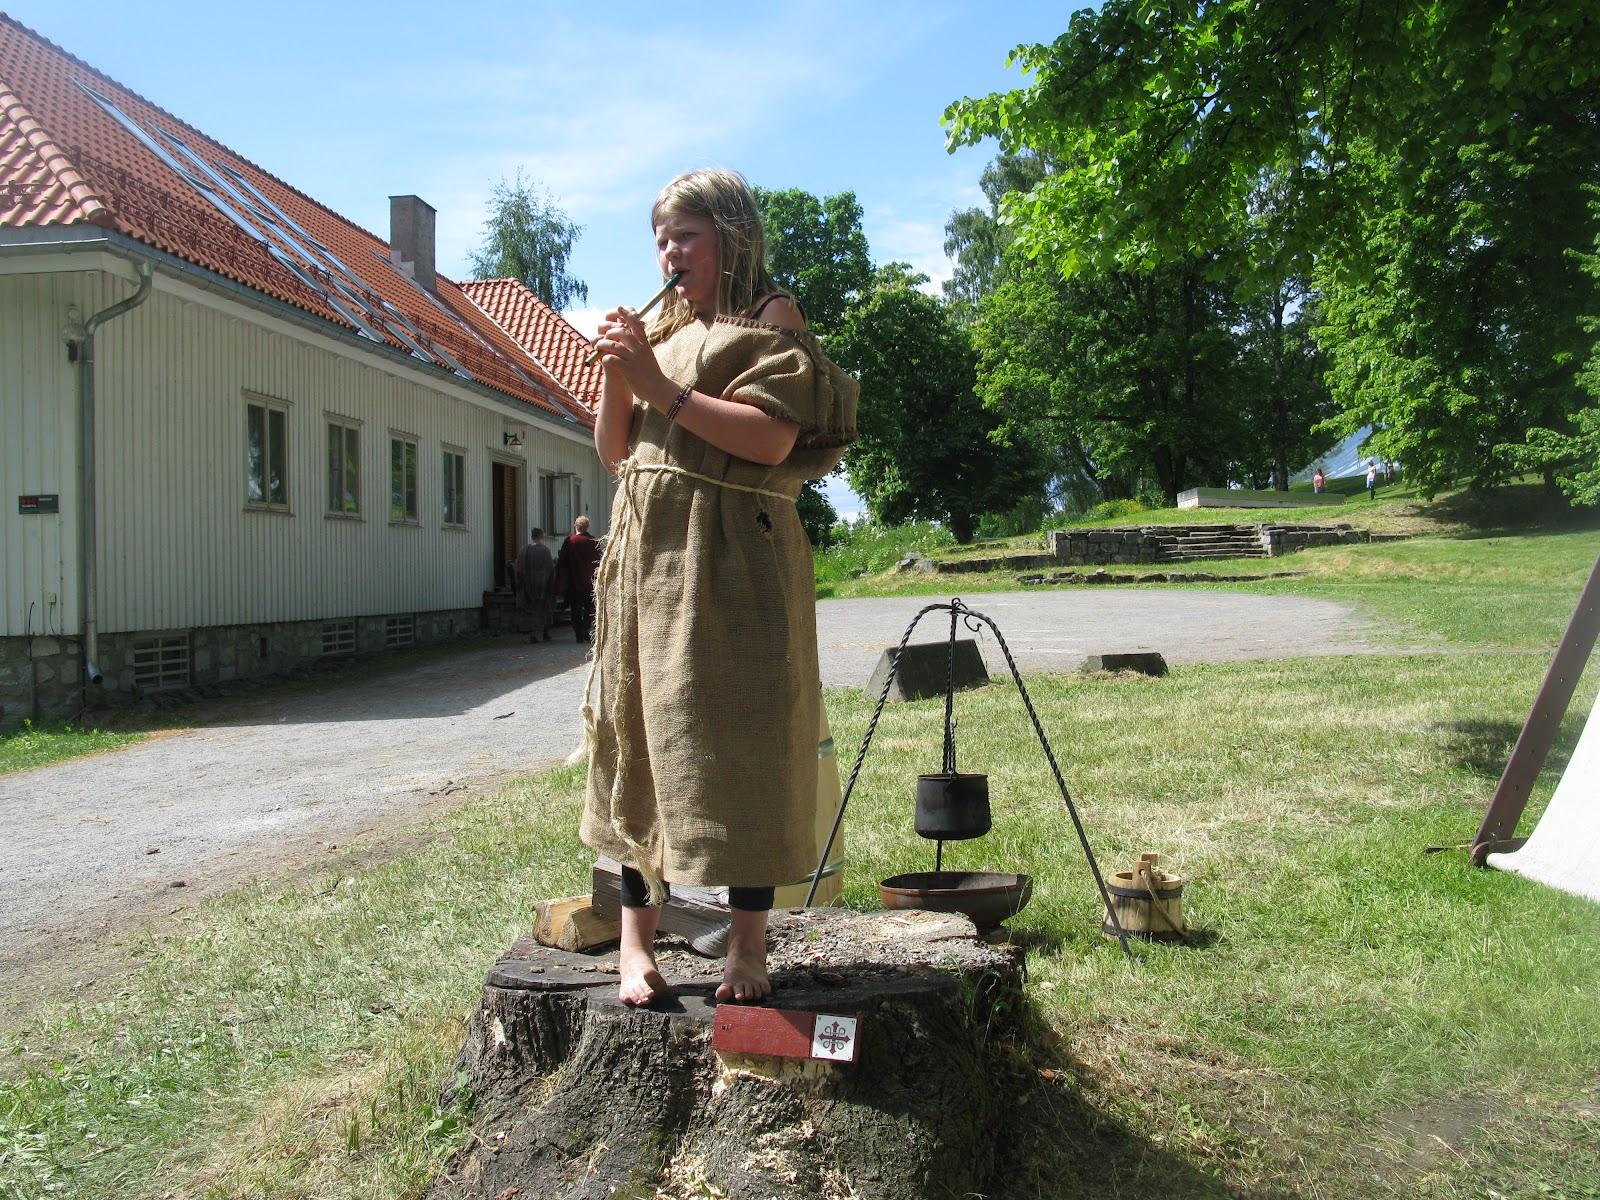 barna lære middelalderen i urtehagen